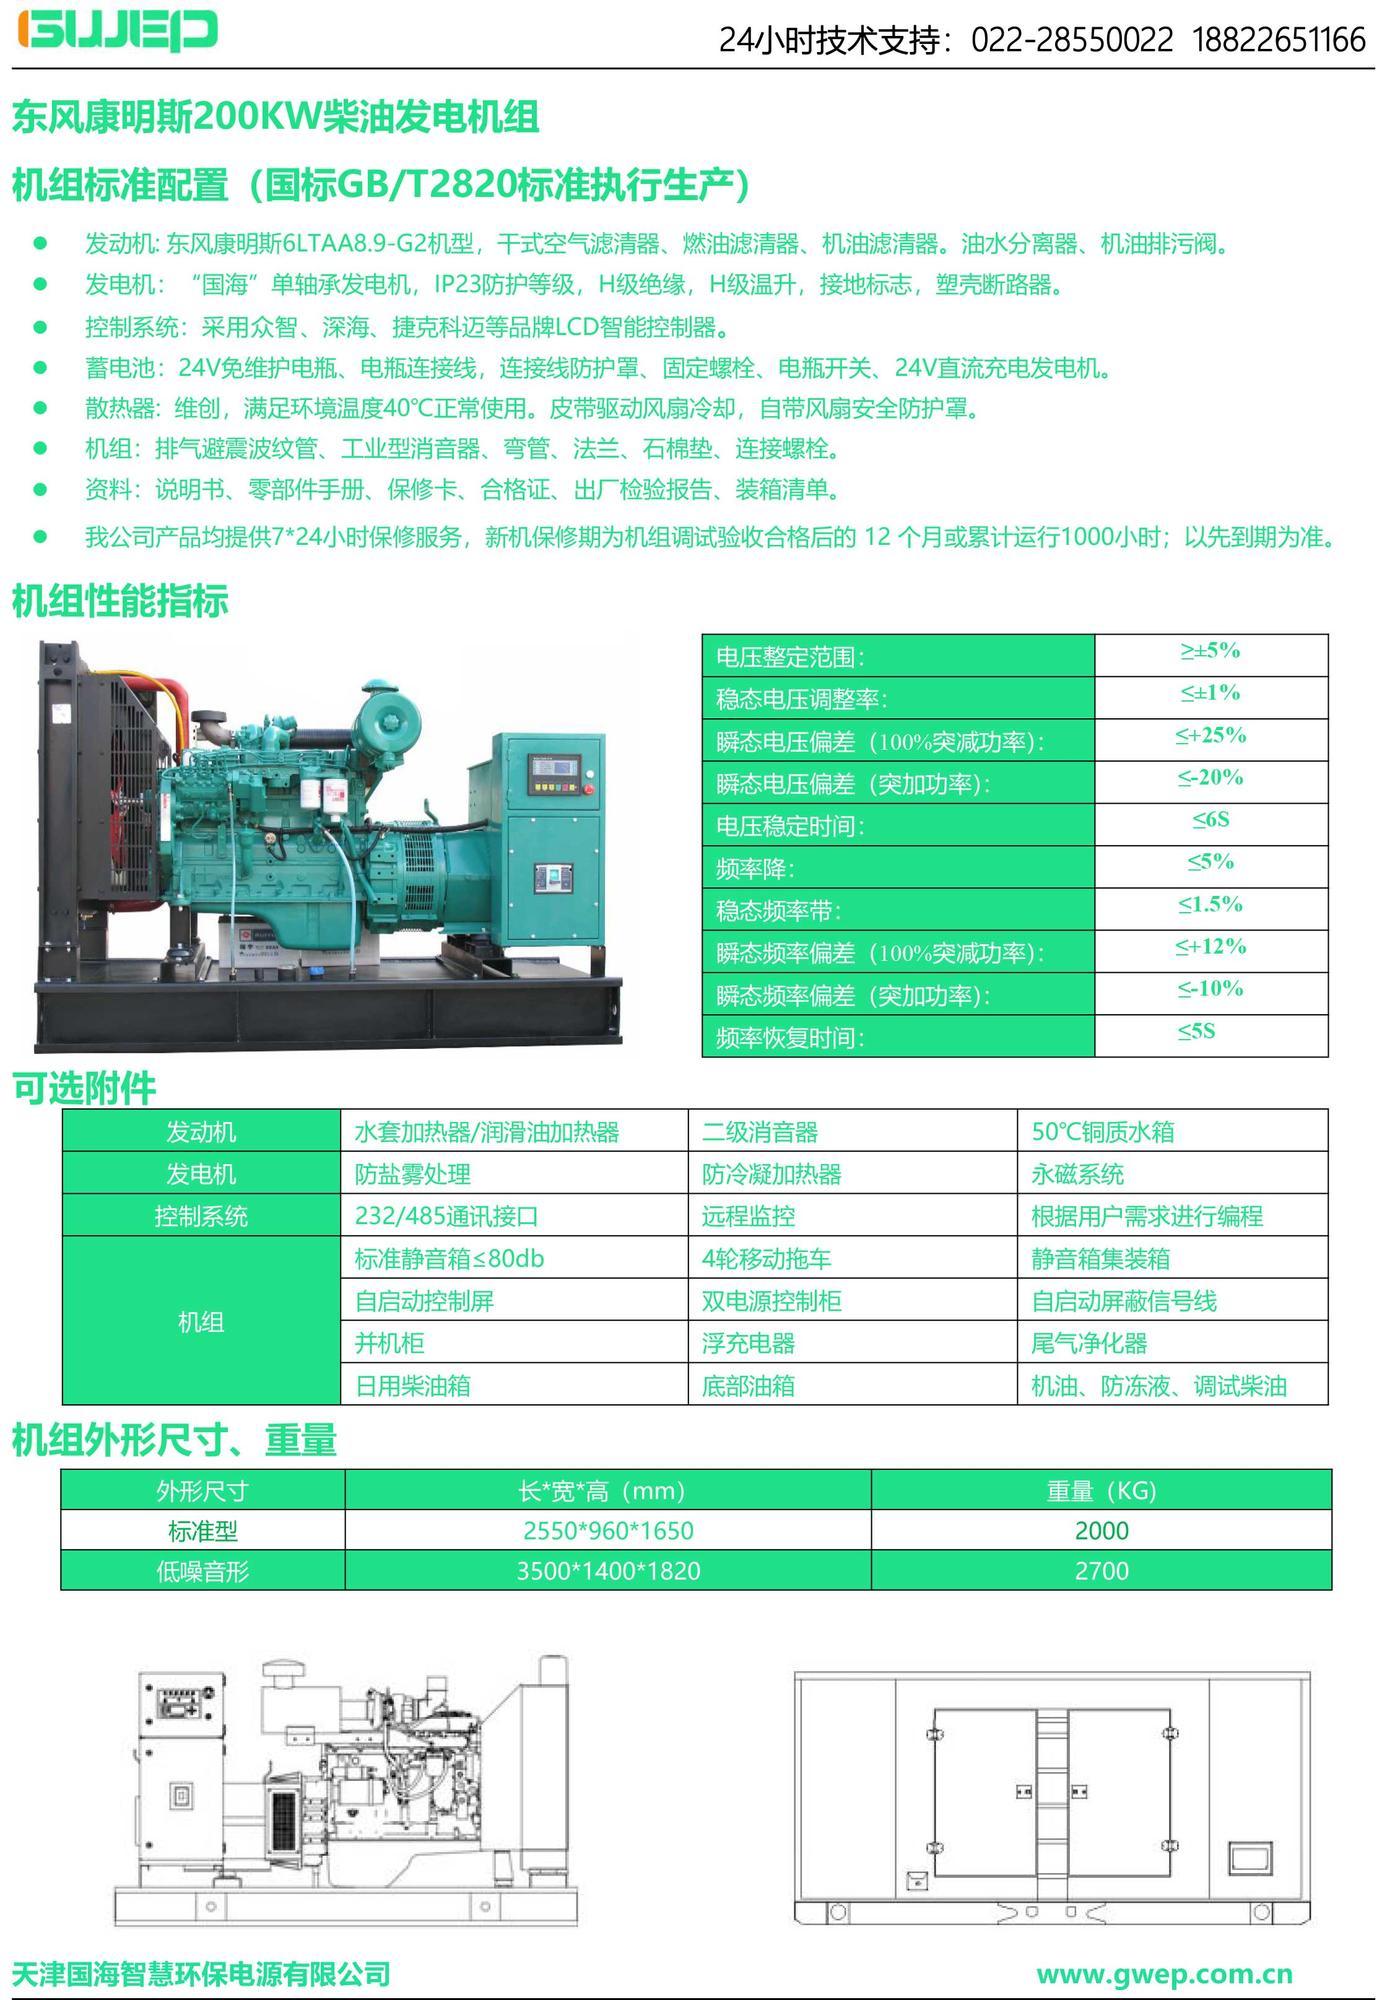 康明斯200KW发电机组技术资料-1.jpg